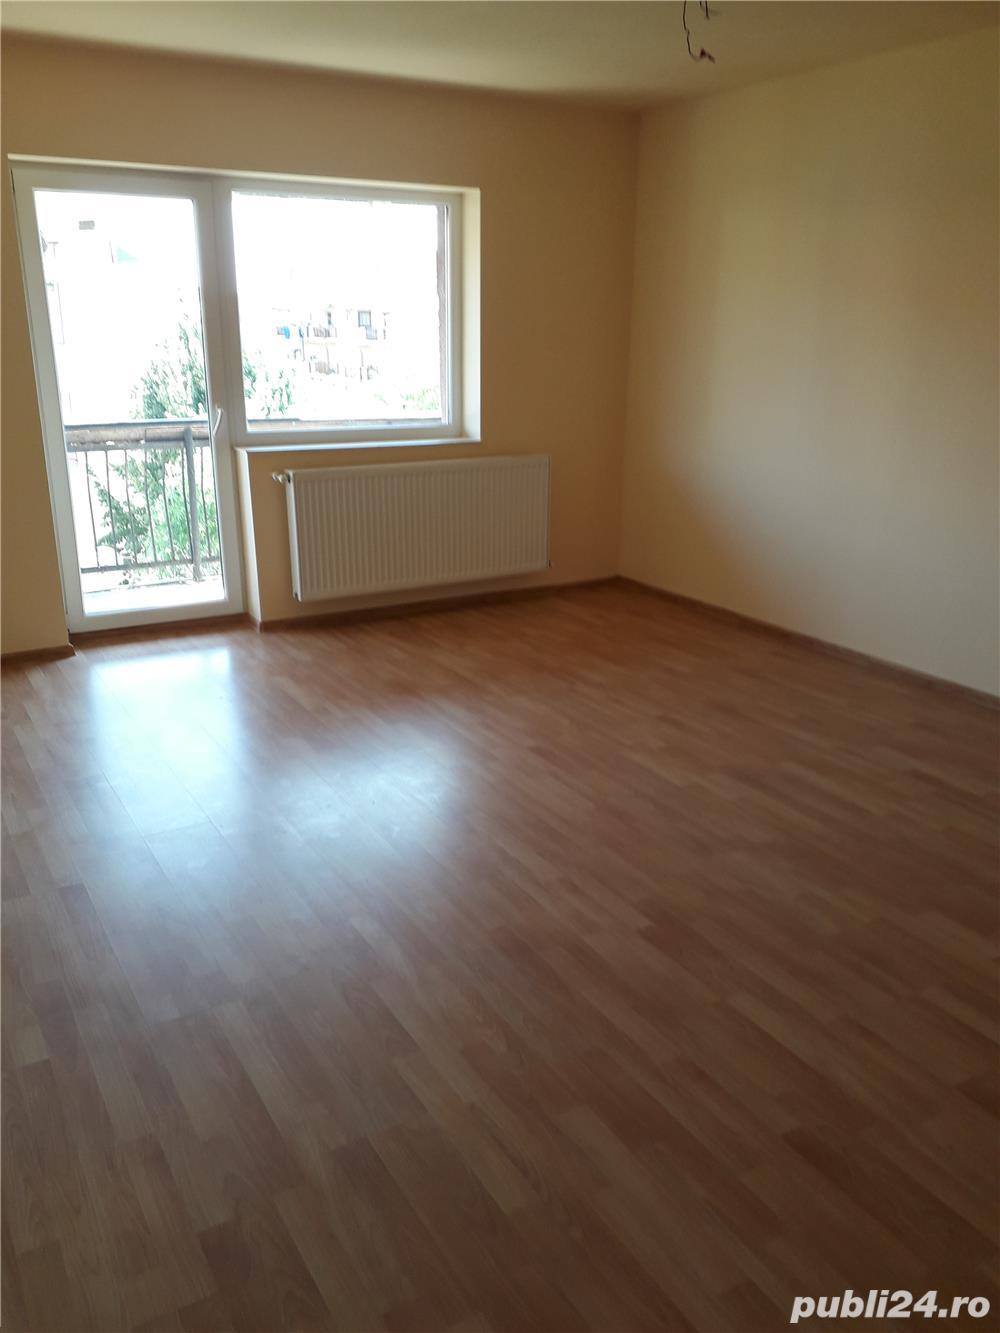 Apartament complet renovat